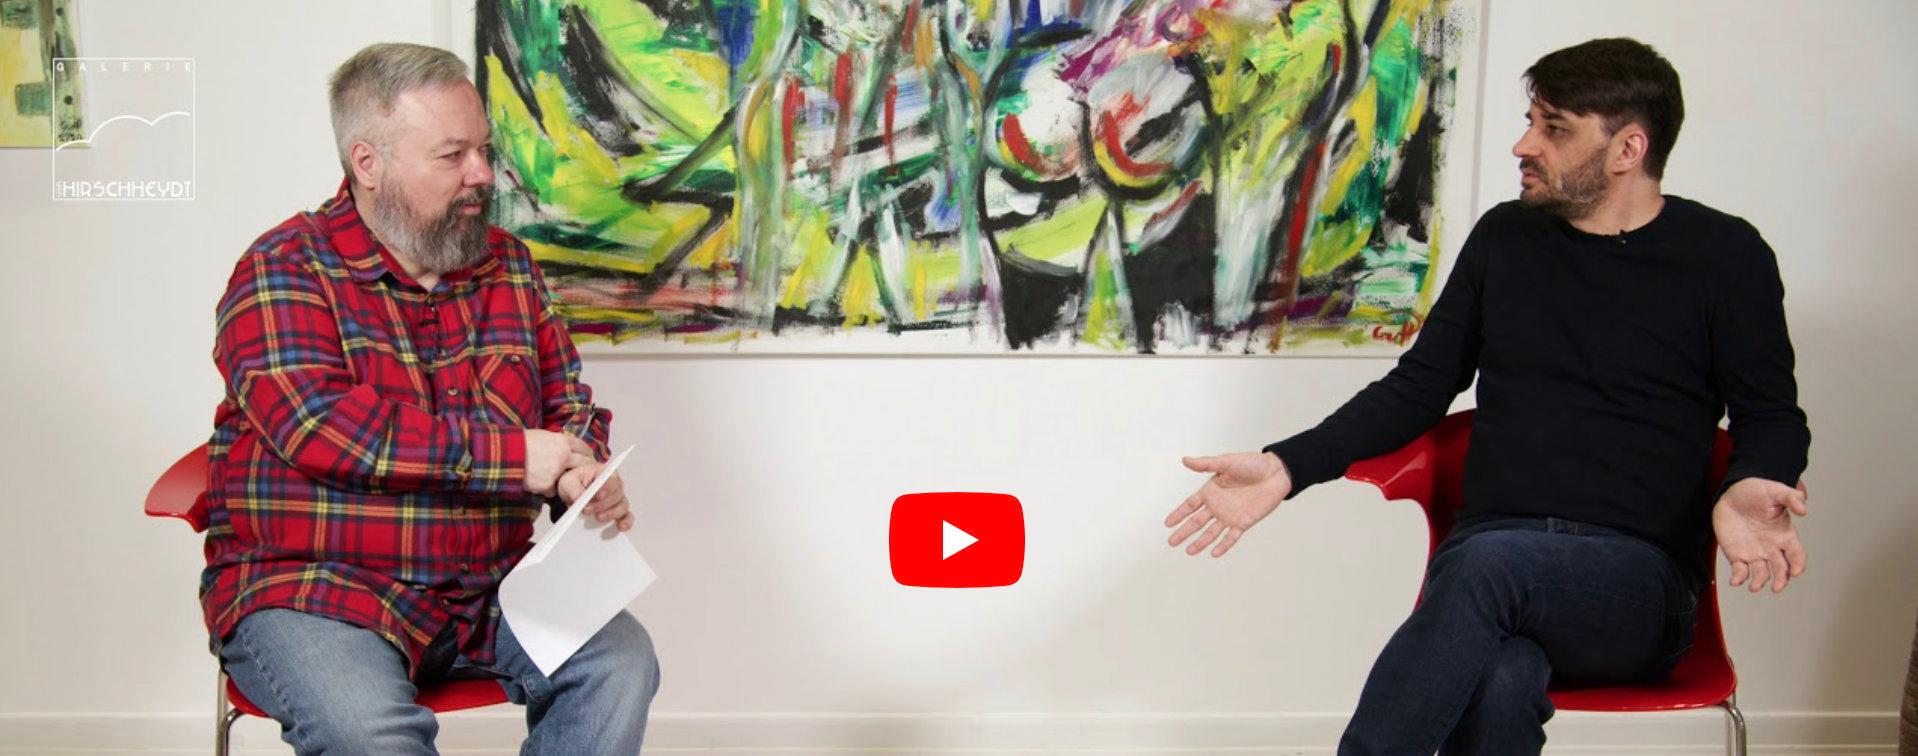 Künstlerinterview Steve Meyer und Dr. Michael von Hirschheydt